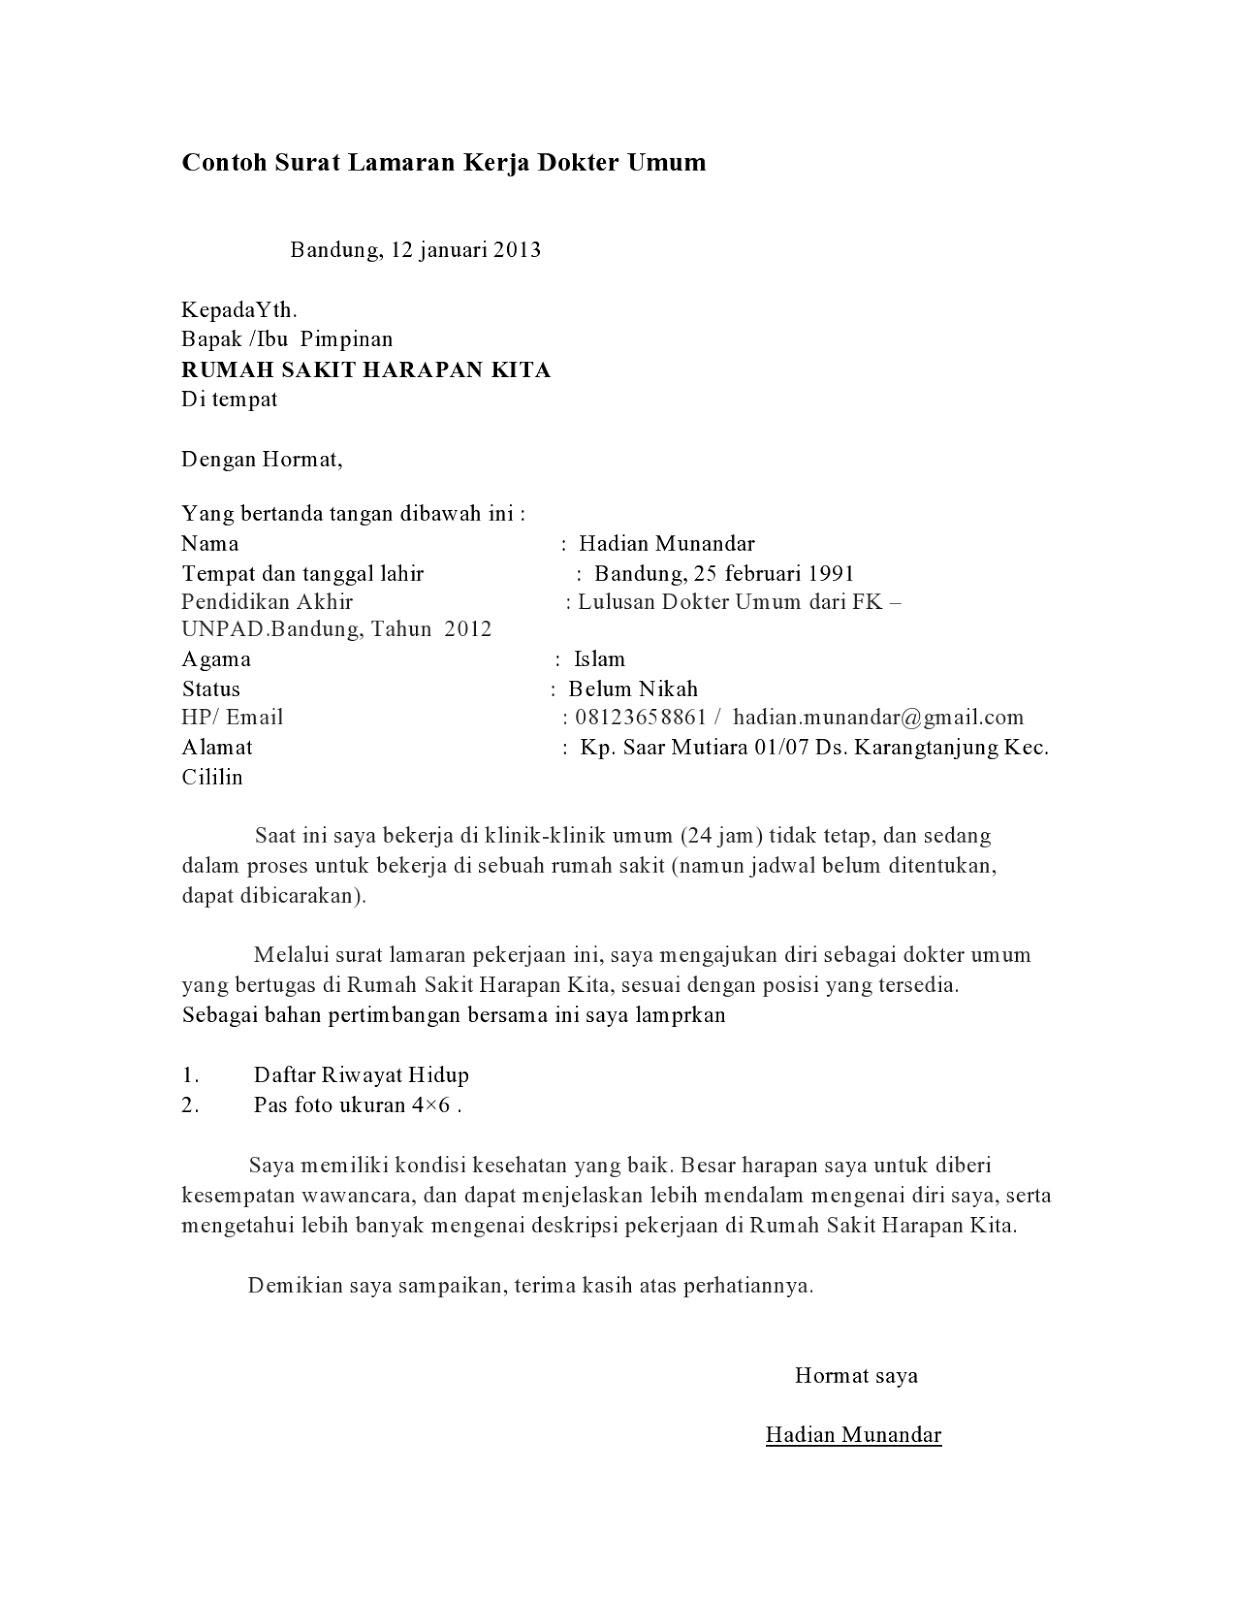 76 Contoh Surat Lamaran Kerja Di Pt Asdp